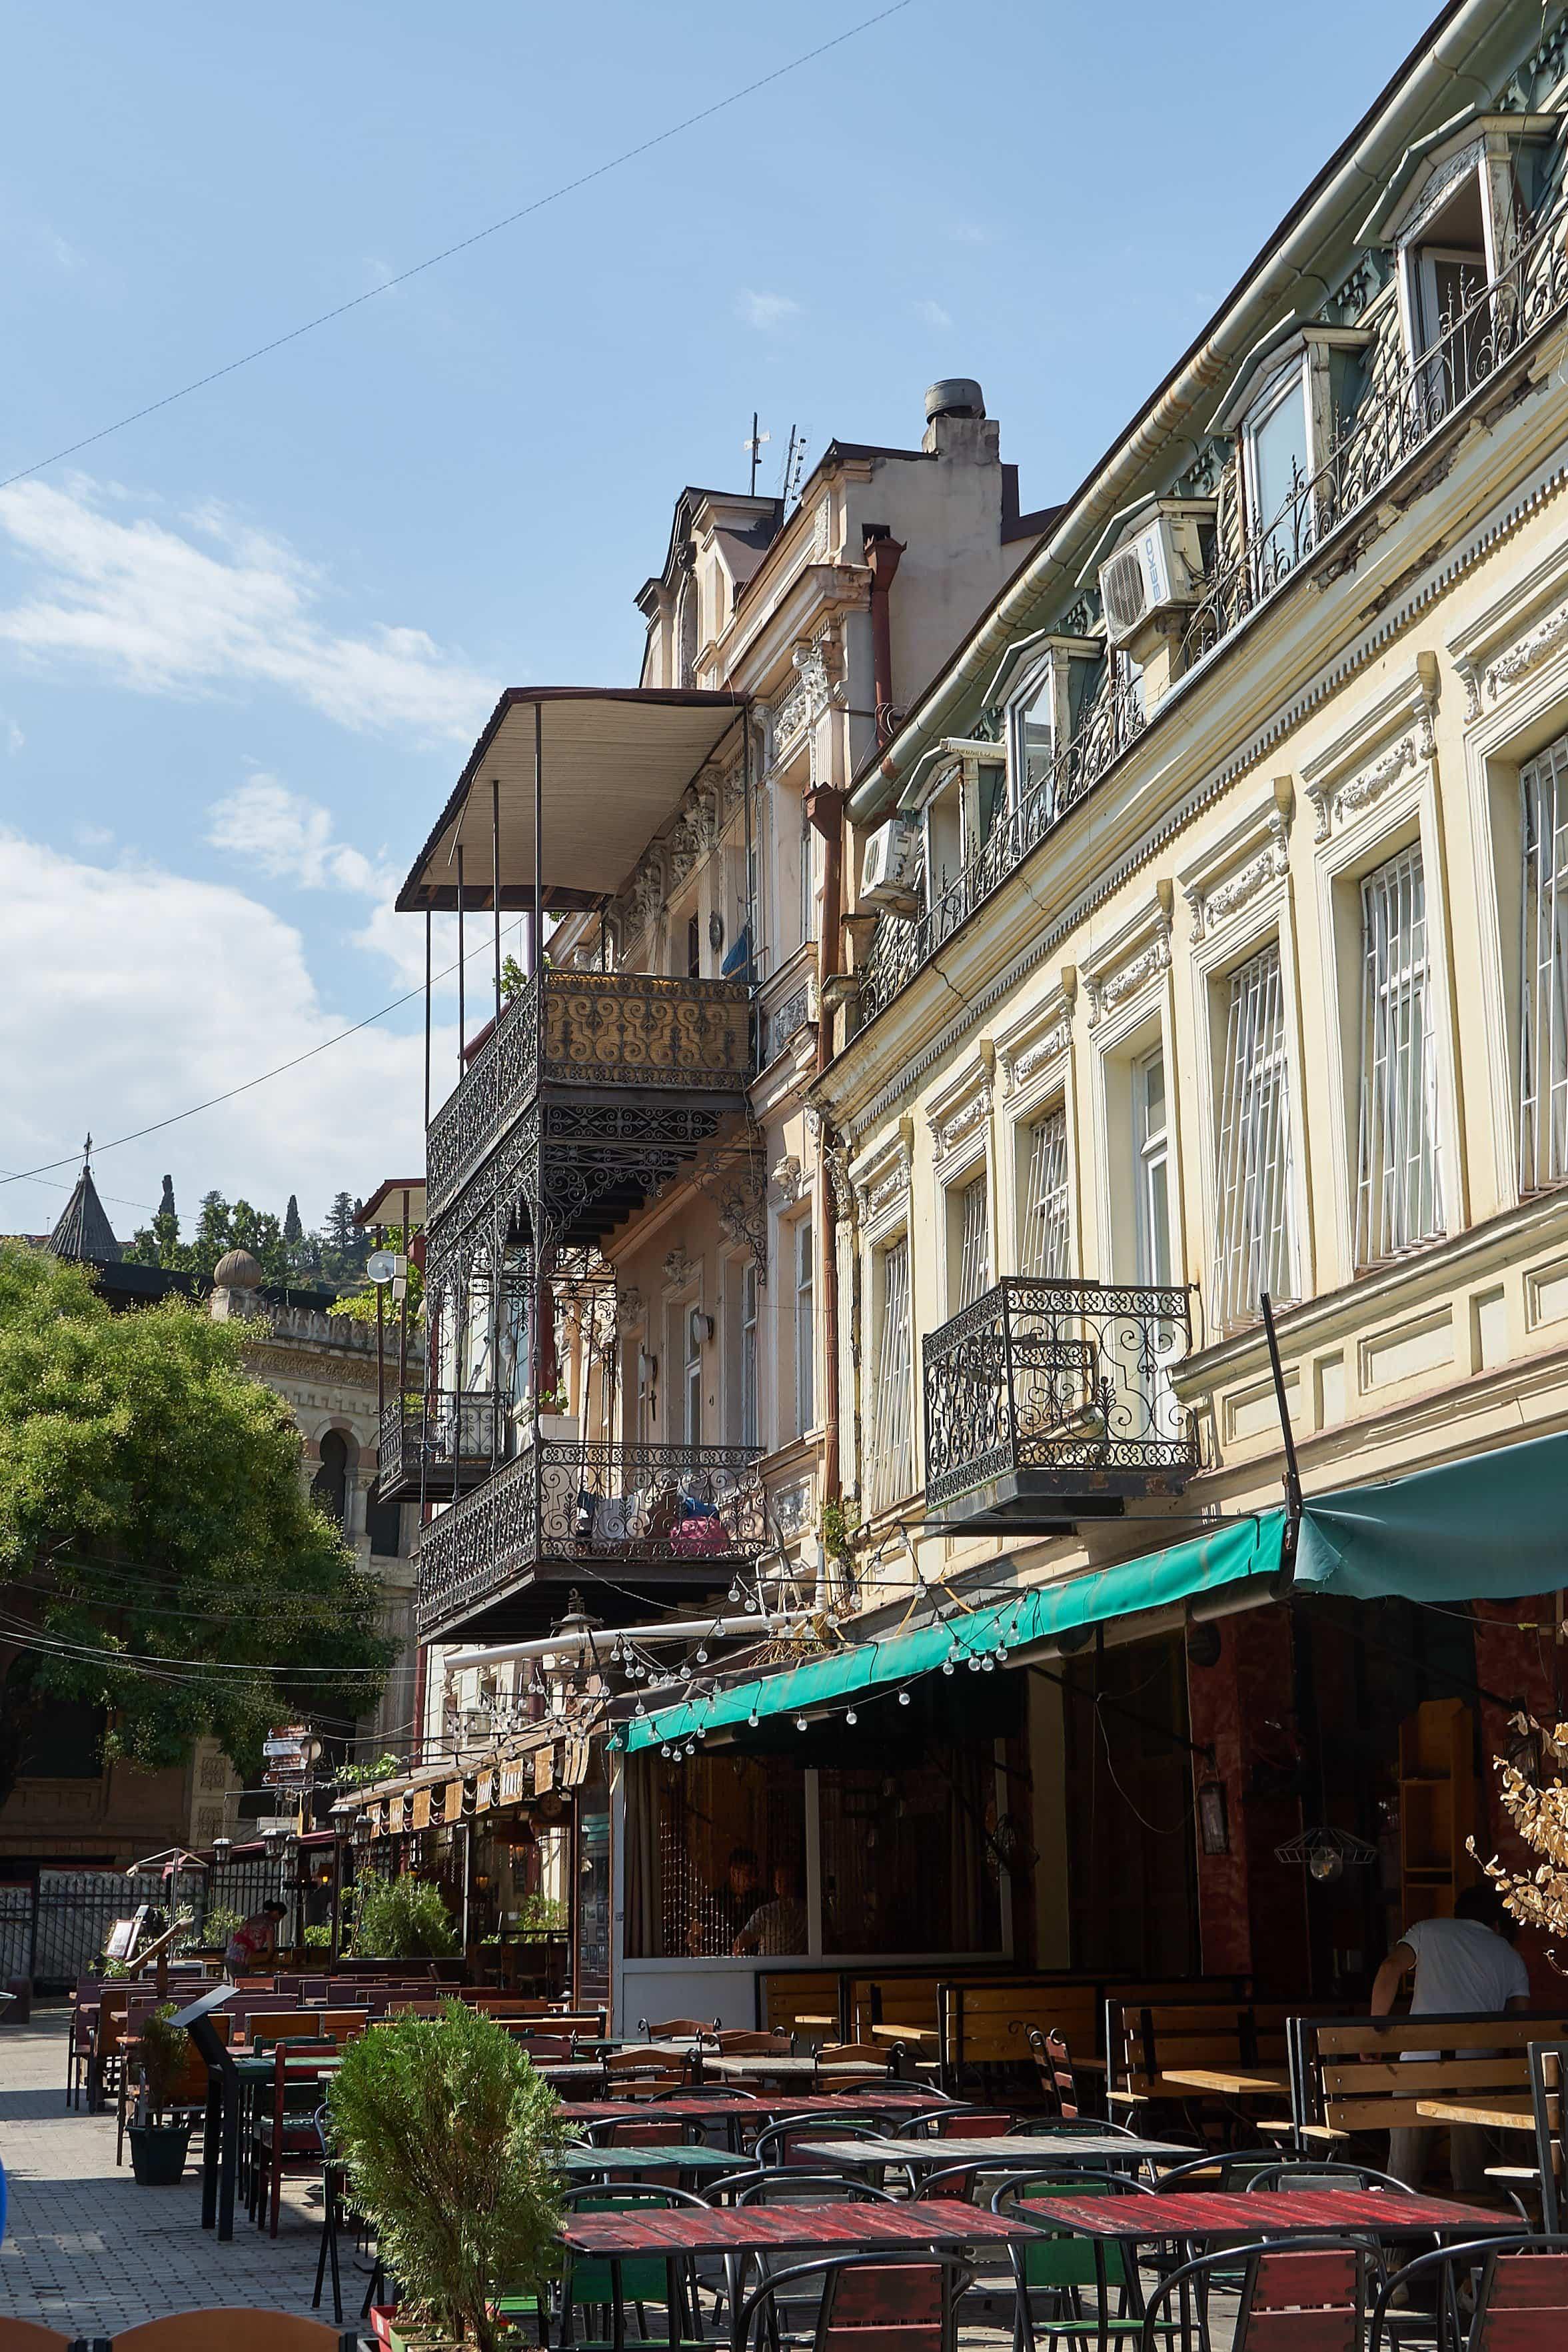 Fassaden in der Ioane Shavteli Straße